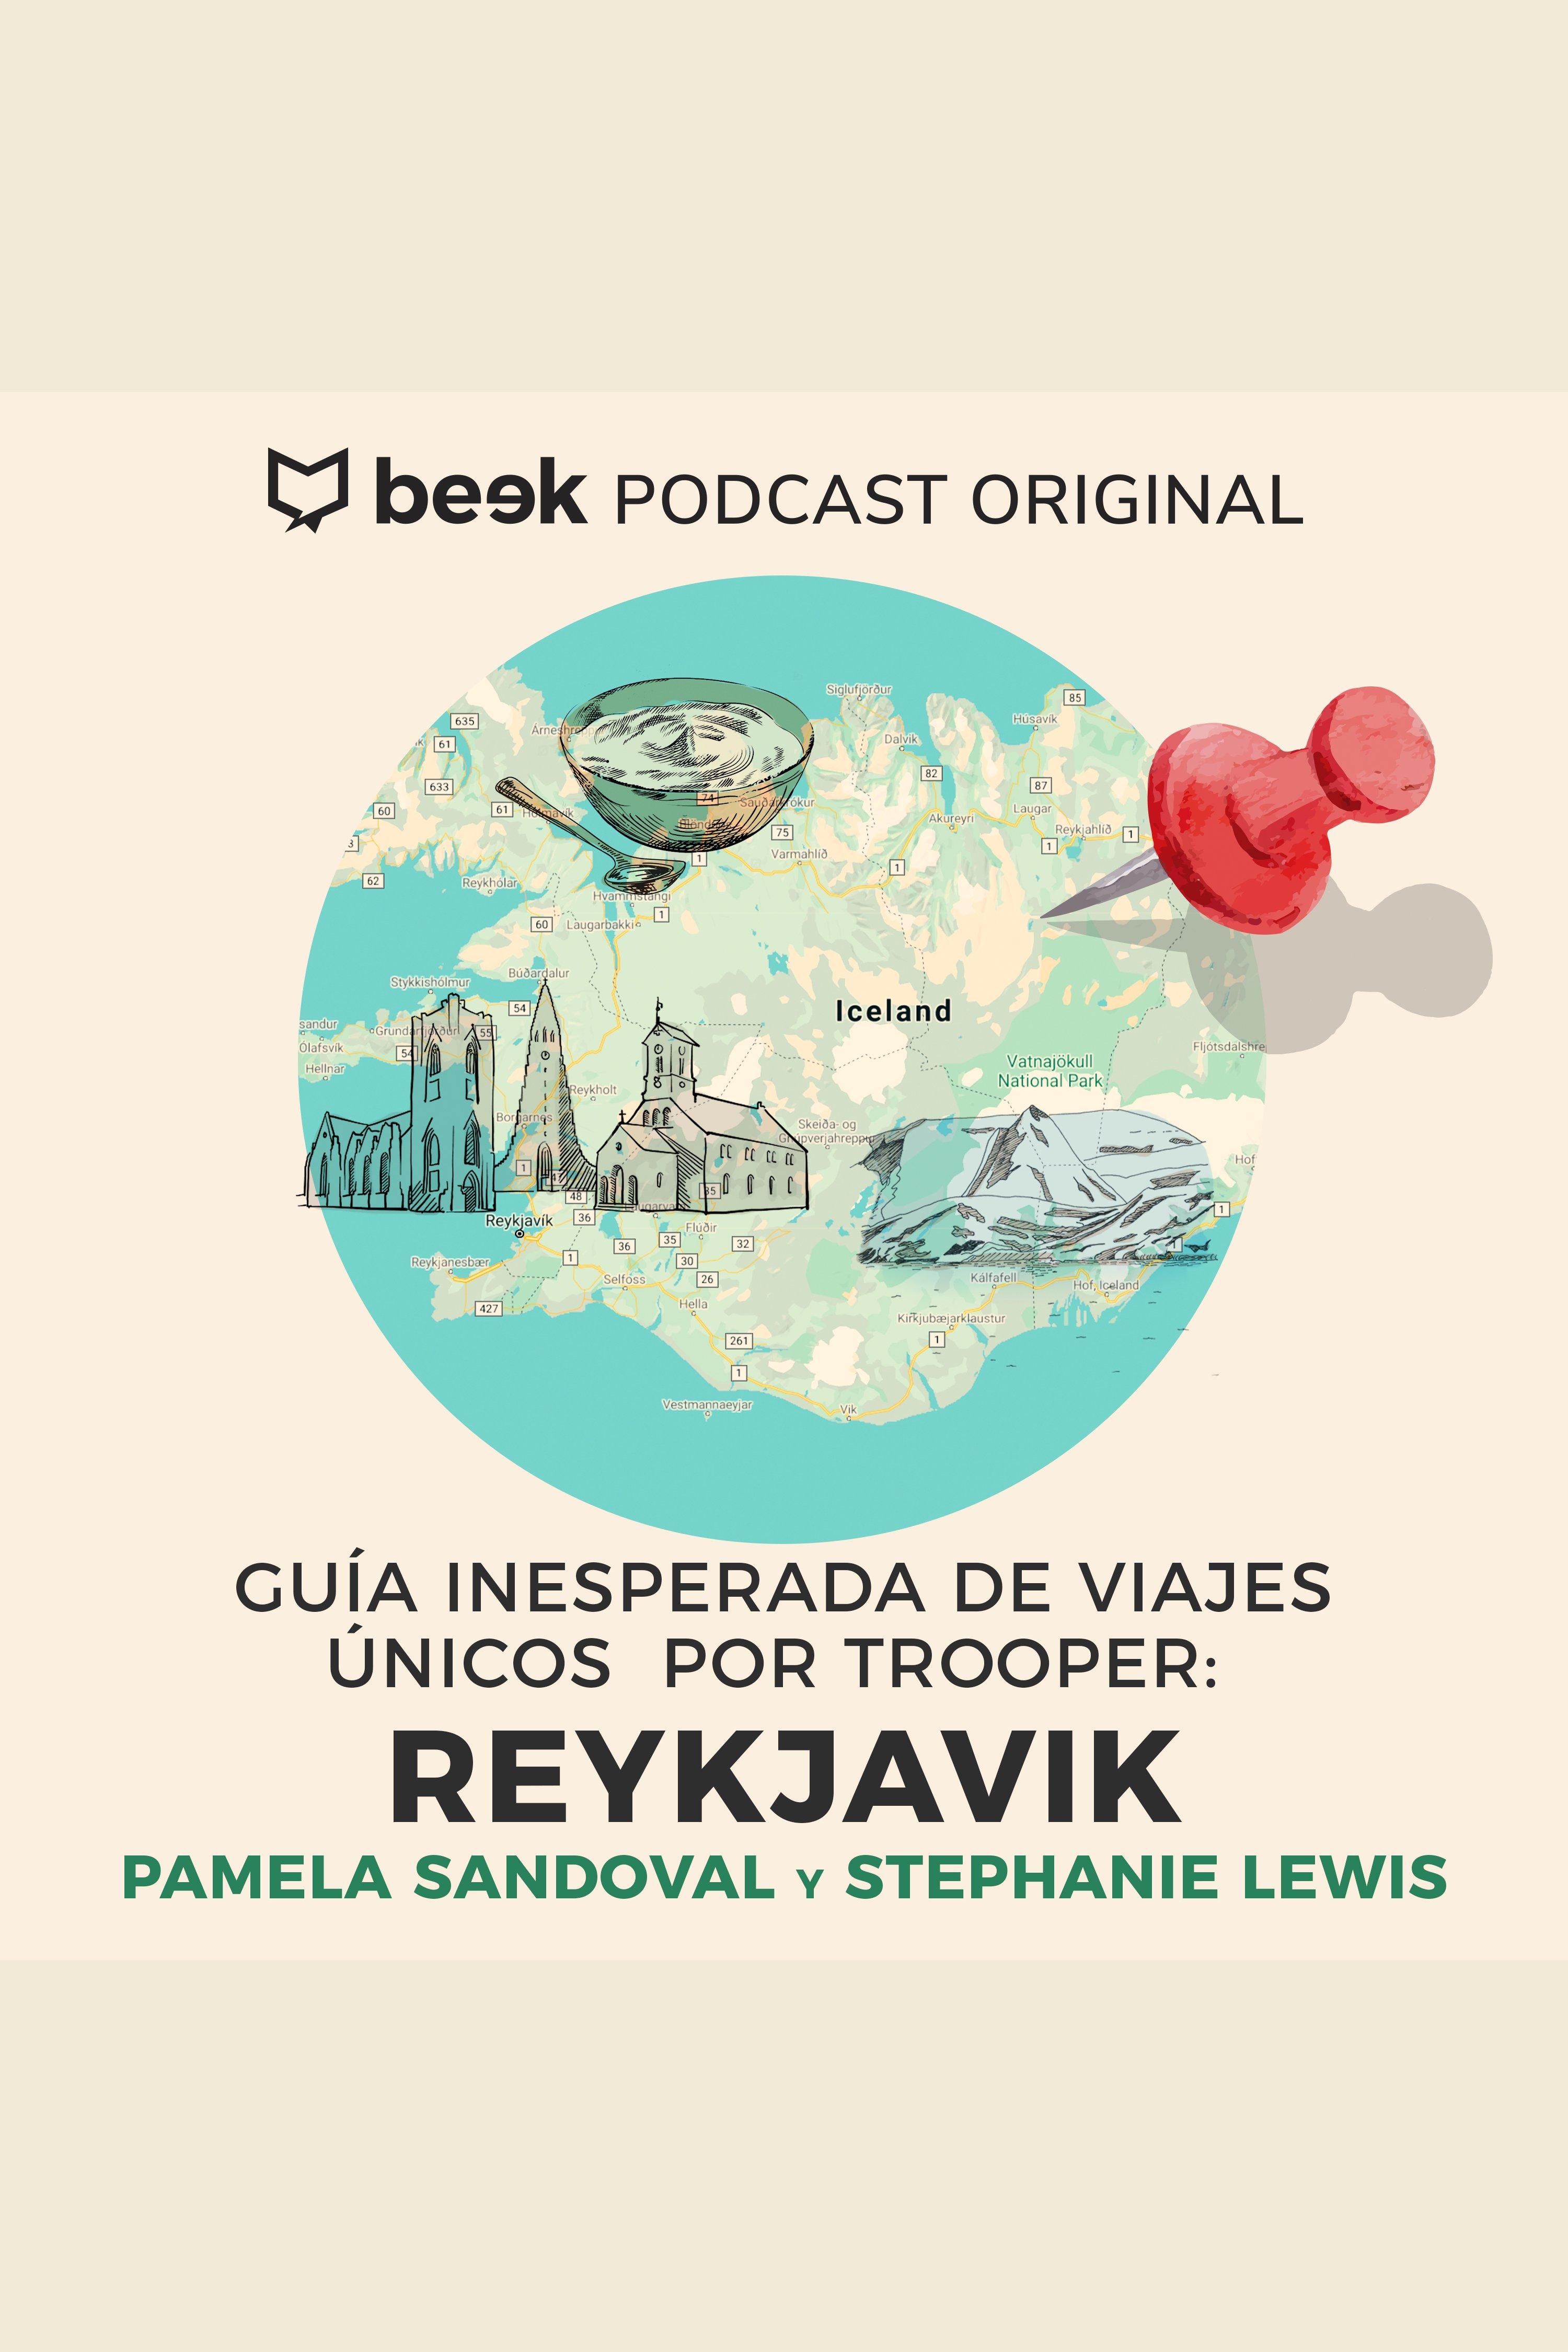 Esta es la portada del audiolibro Reykjavik